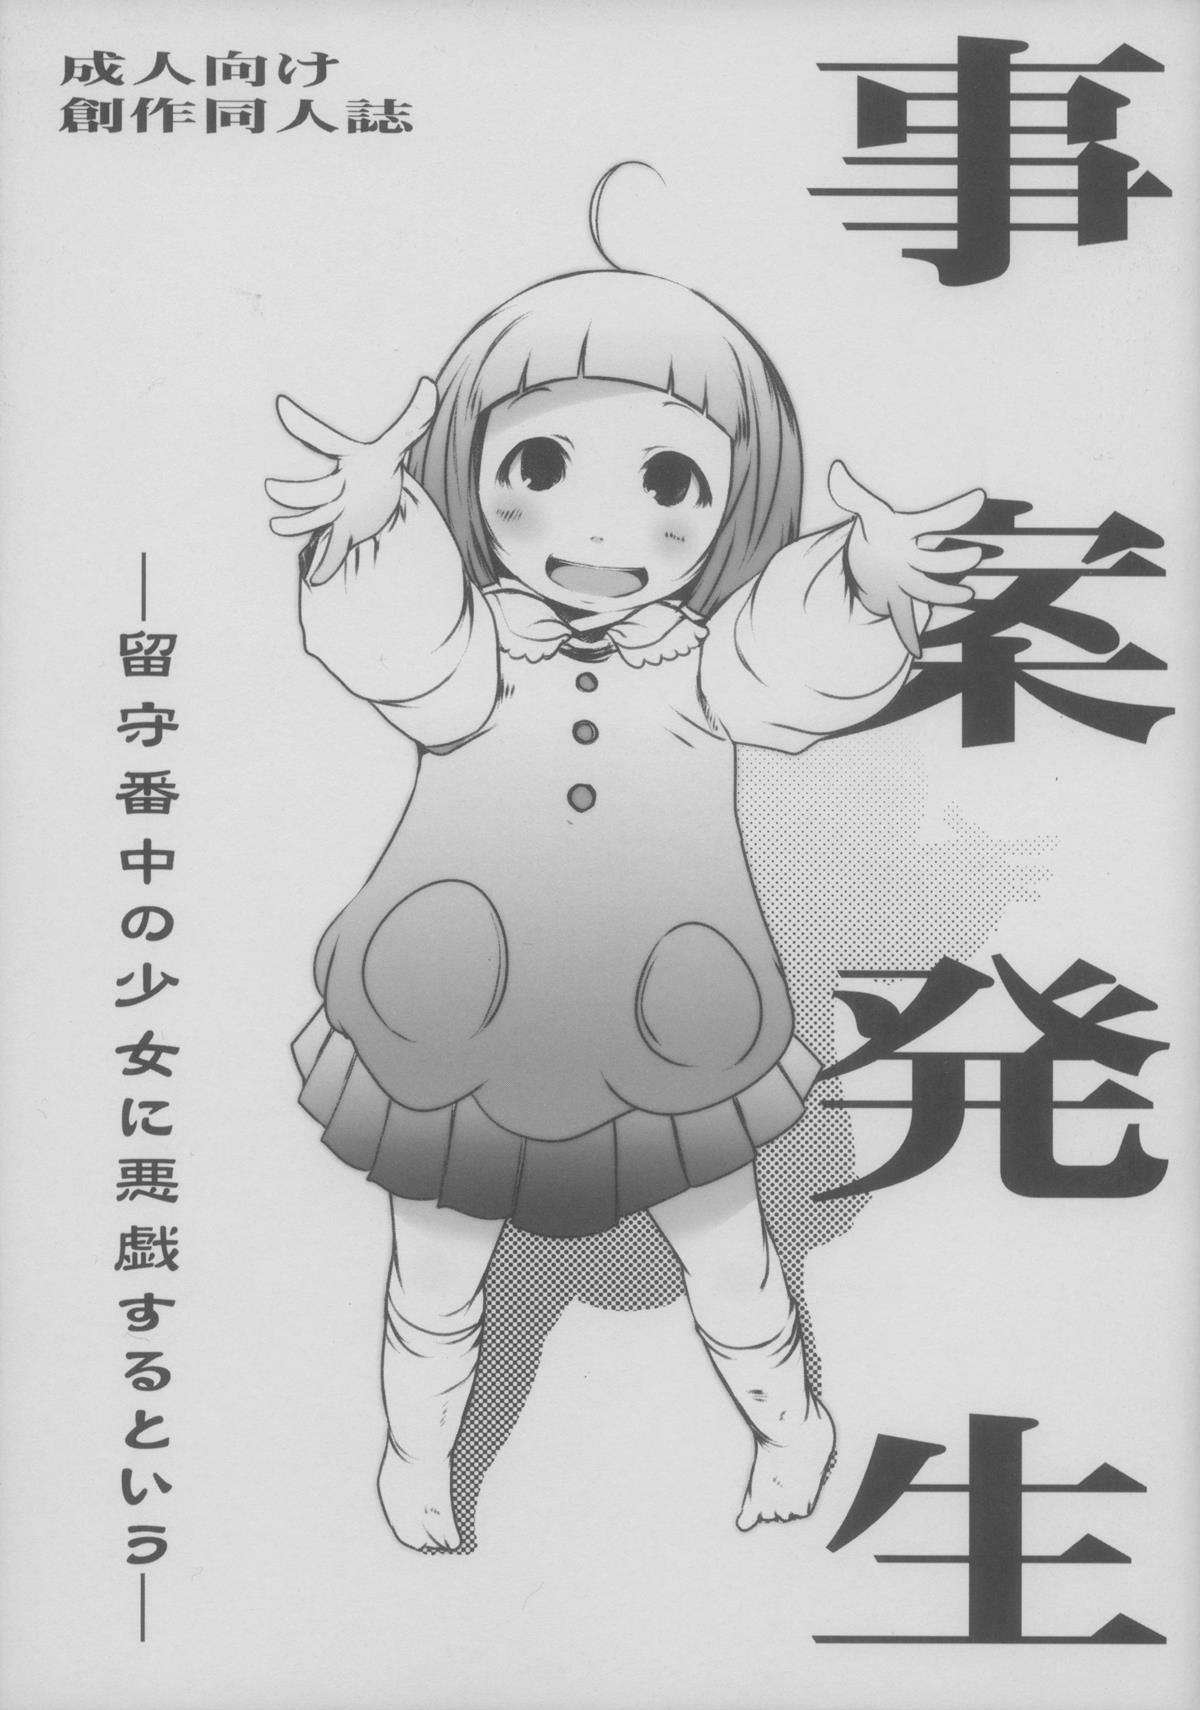 【エロ漫画・エロ同人】幼稚園を卒園するまでに俺のデカチン子宮までハメてあげるからね♪それまで毎日調教してあげるよwwwww